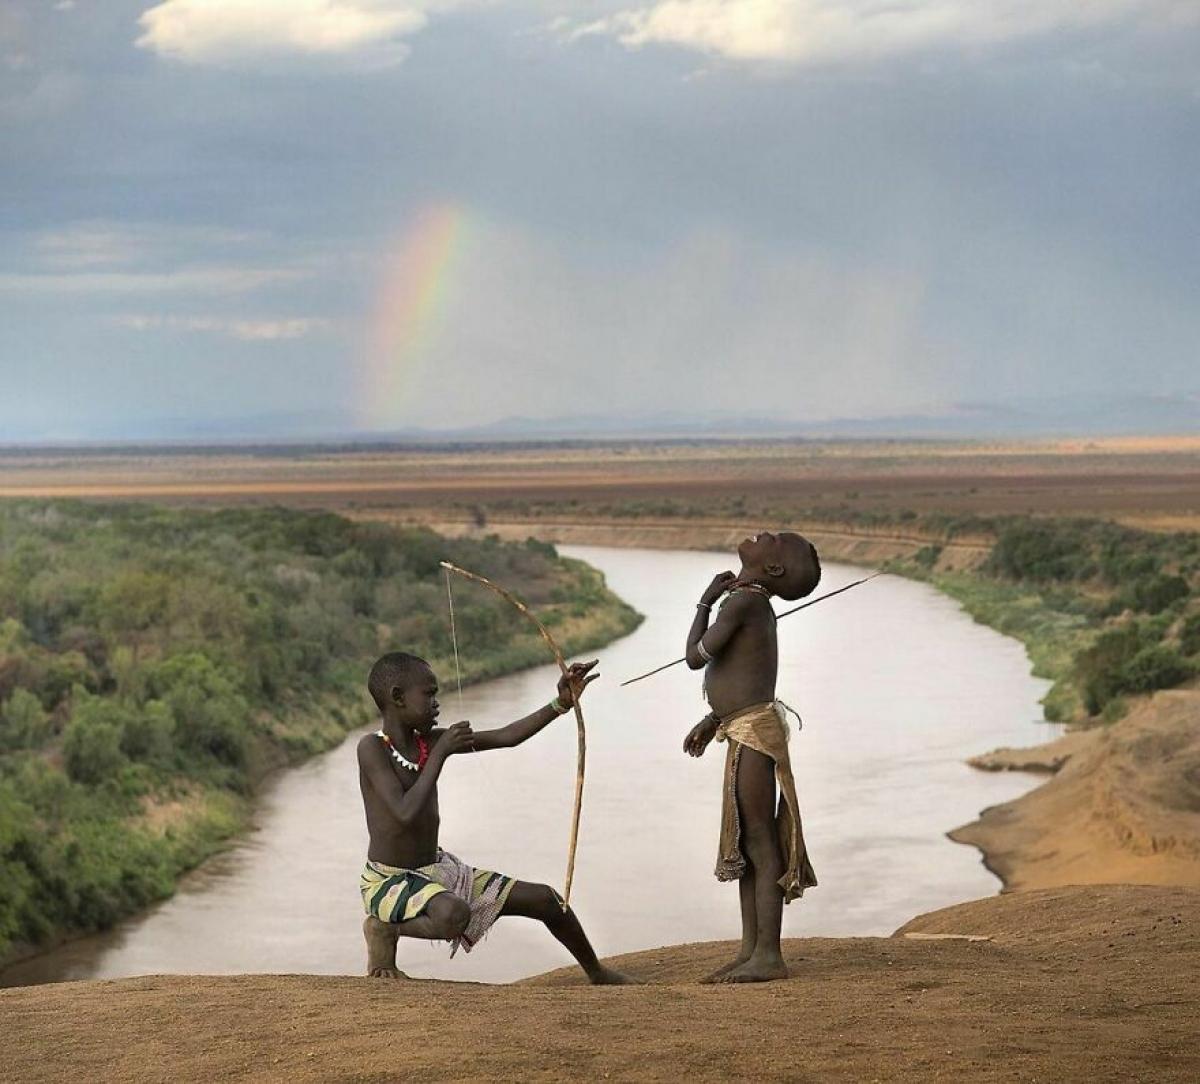 Trò đùa của hai cậu bé ở đất nước Ethiopia.